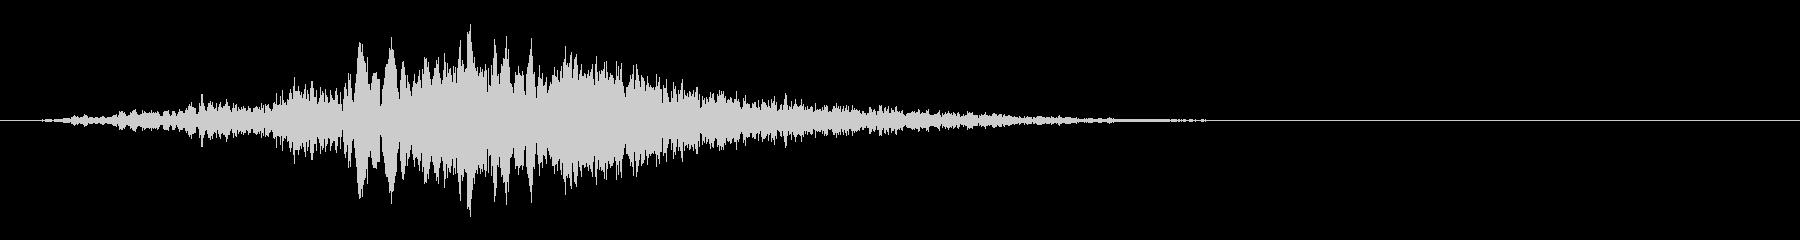 パスバイ付き着信ミュージカルパッドの未再生の波形